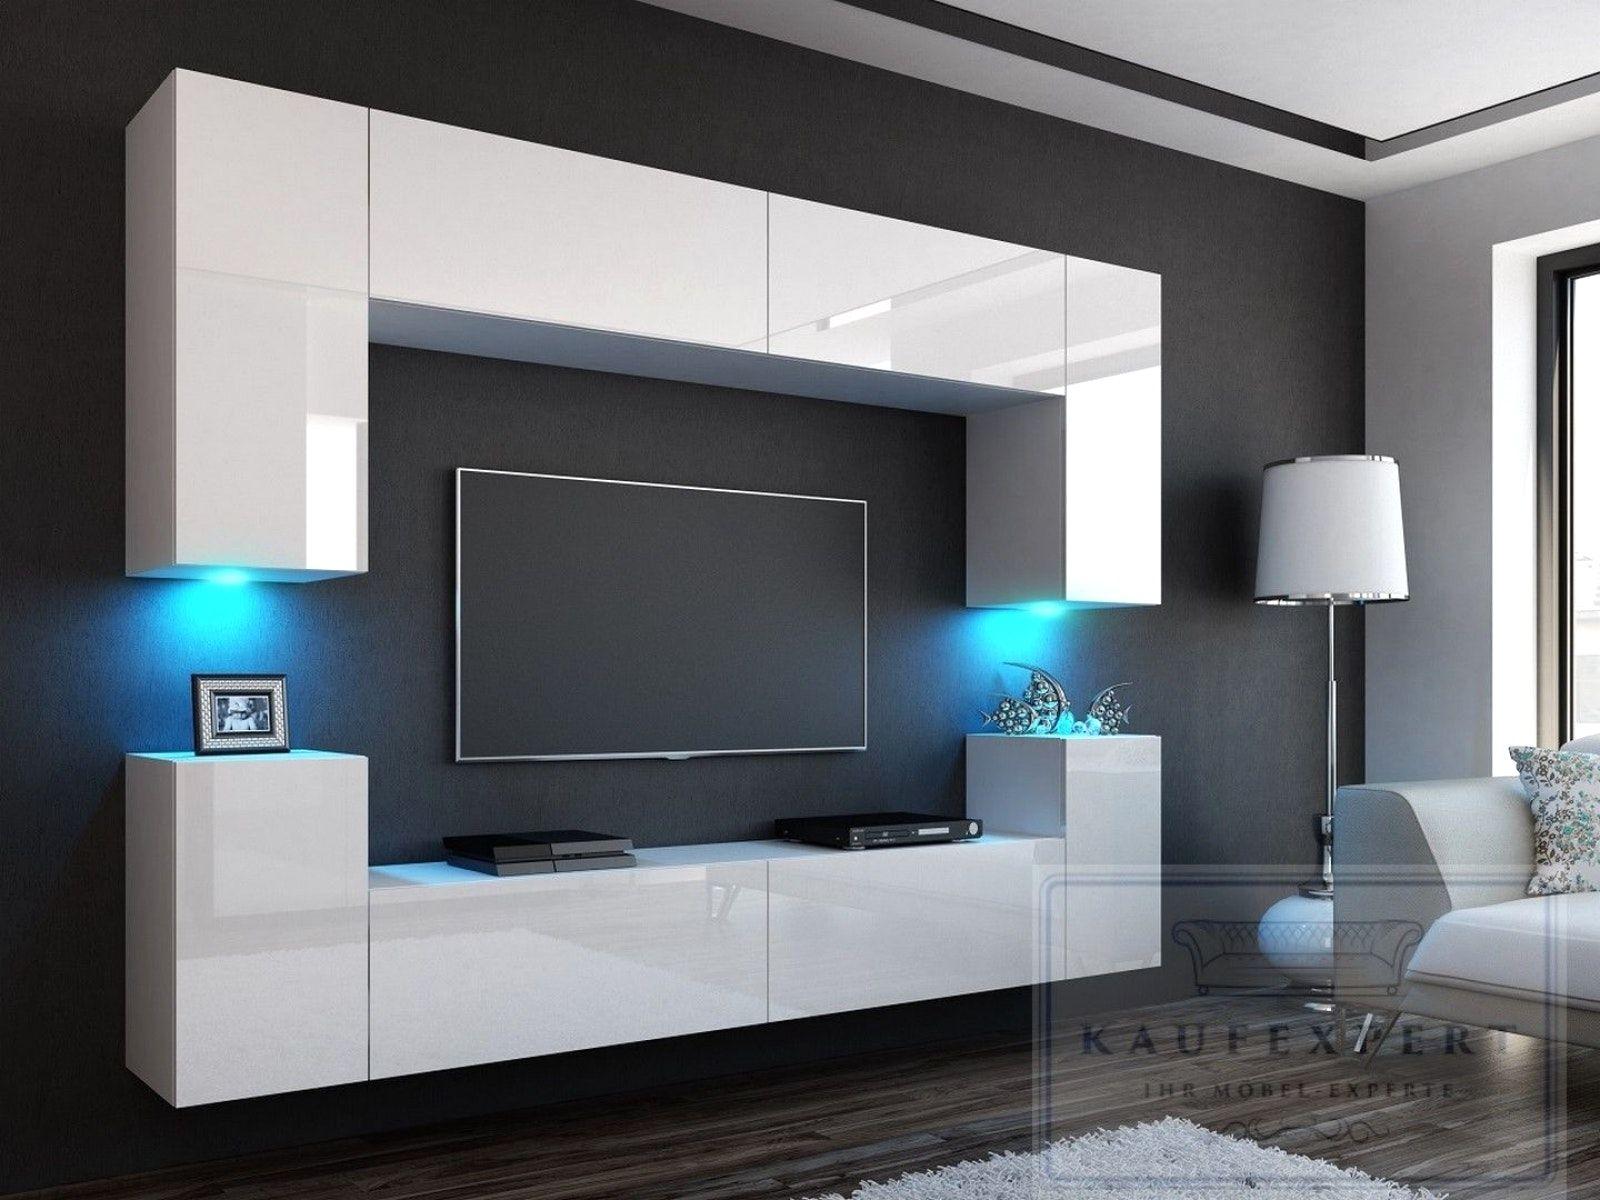 Wohnzimmer Design Keywod Auf For Designer Wohnwand Modern Mit